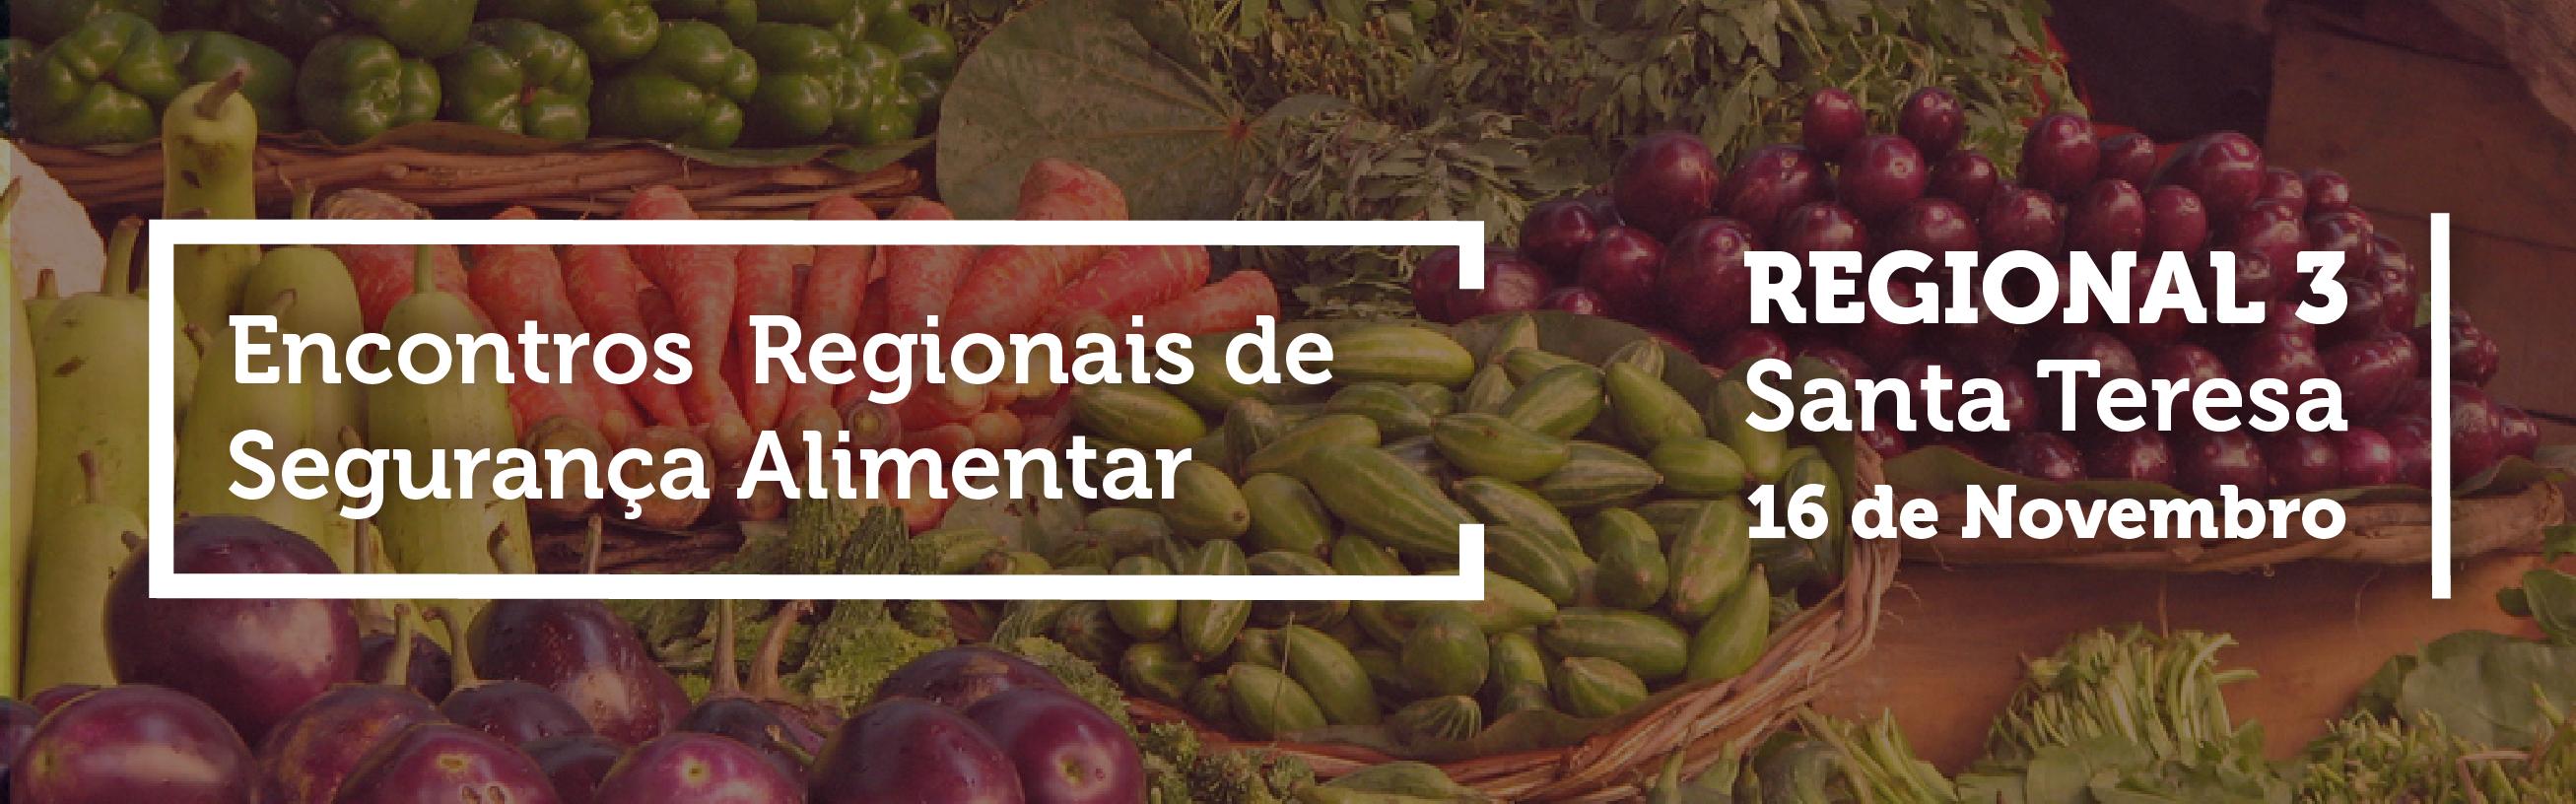 Participe dos Encontros Regionais de Segurança Alimentar